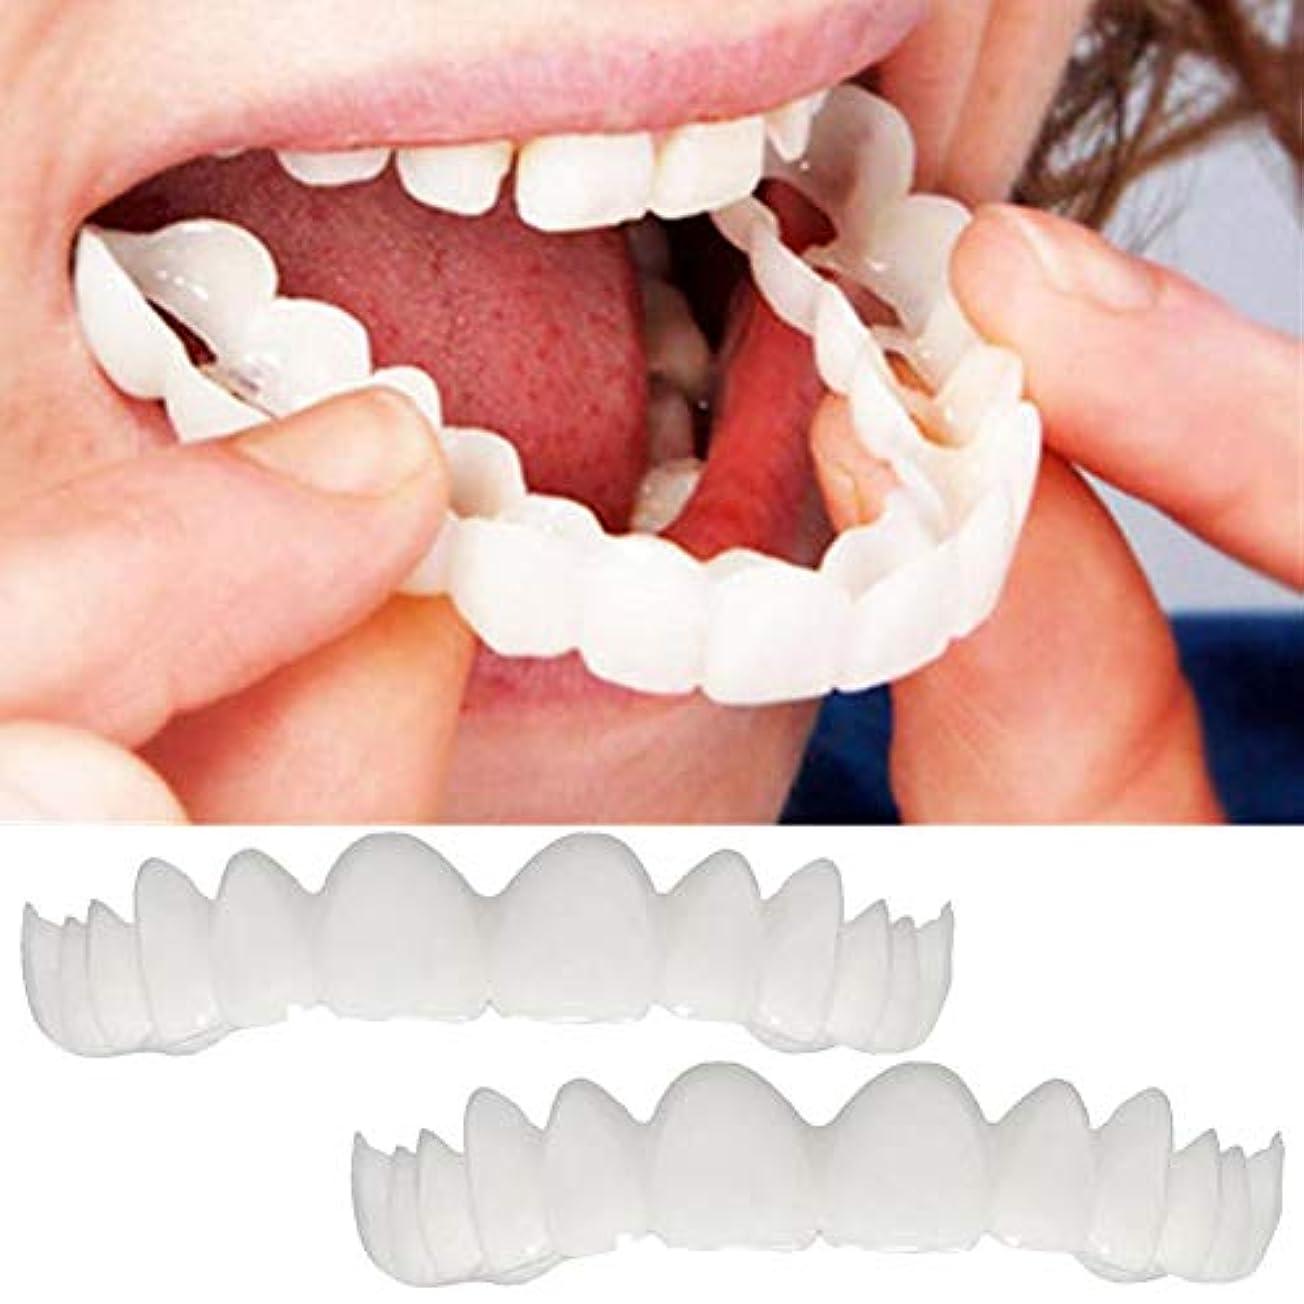 遺棄された反毒誘発するホワイトニングスナップオンスマイルパーフェクトスマイルフィット最も快適な義歯ケア入れ歯デンタルティースベニヤ上の歯と下の歯,1Pcs